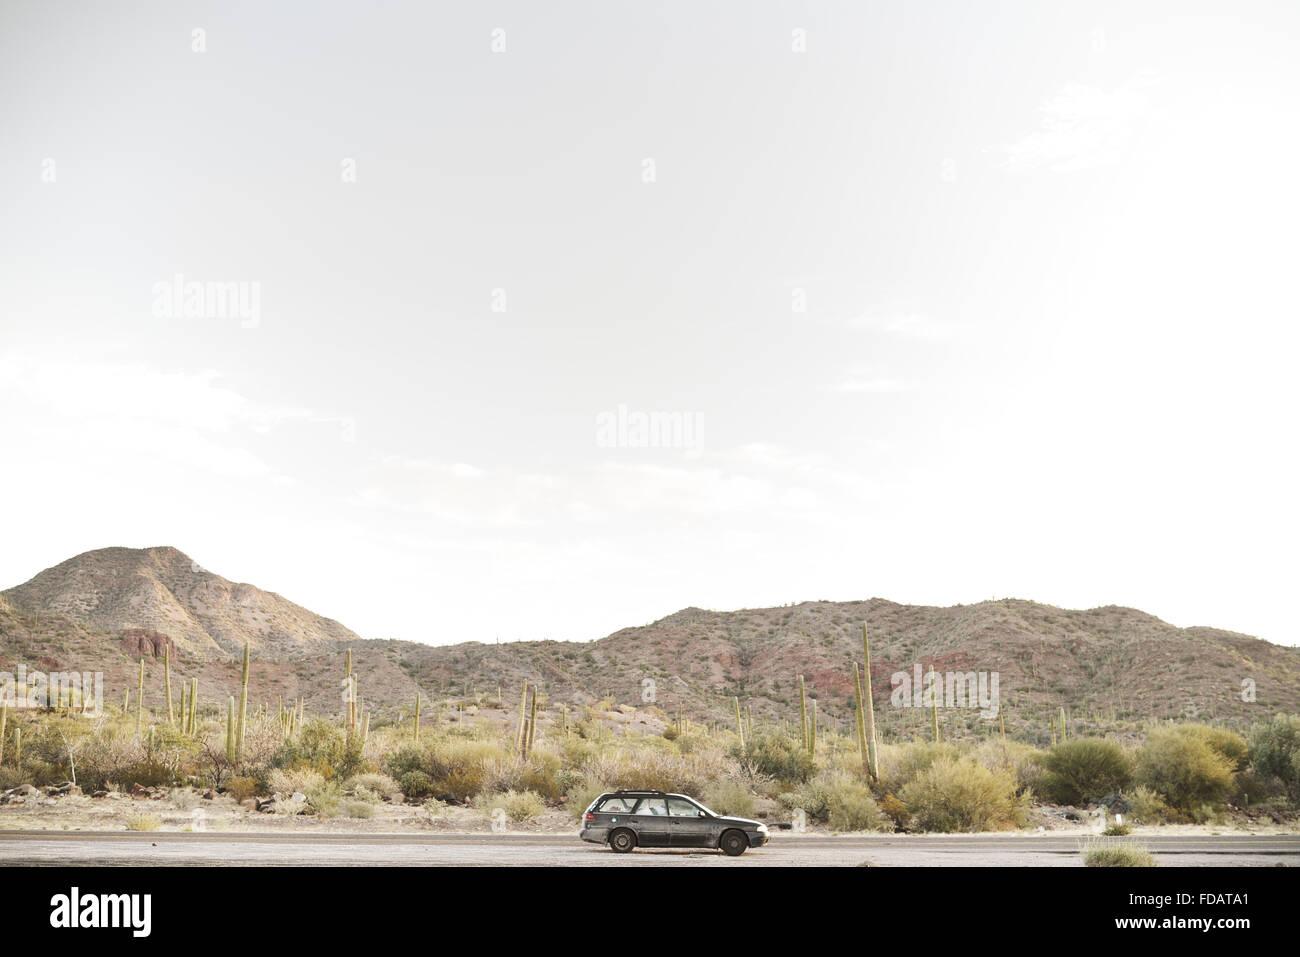 Subaru en un viaje por el desierto de Baja California de México Imagen De Stock